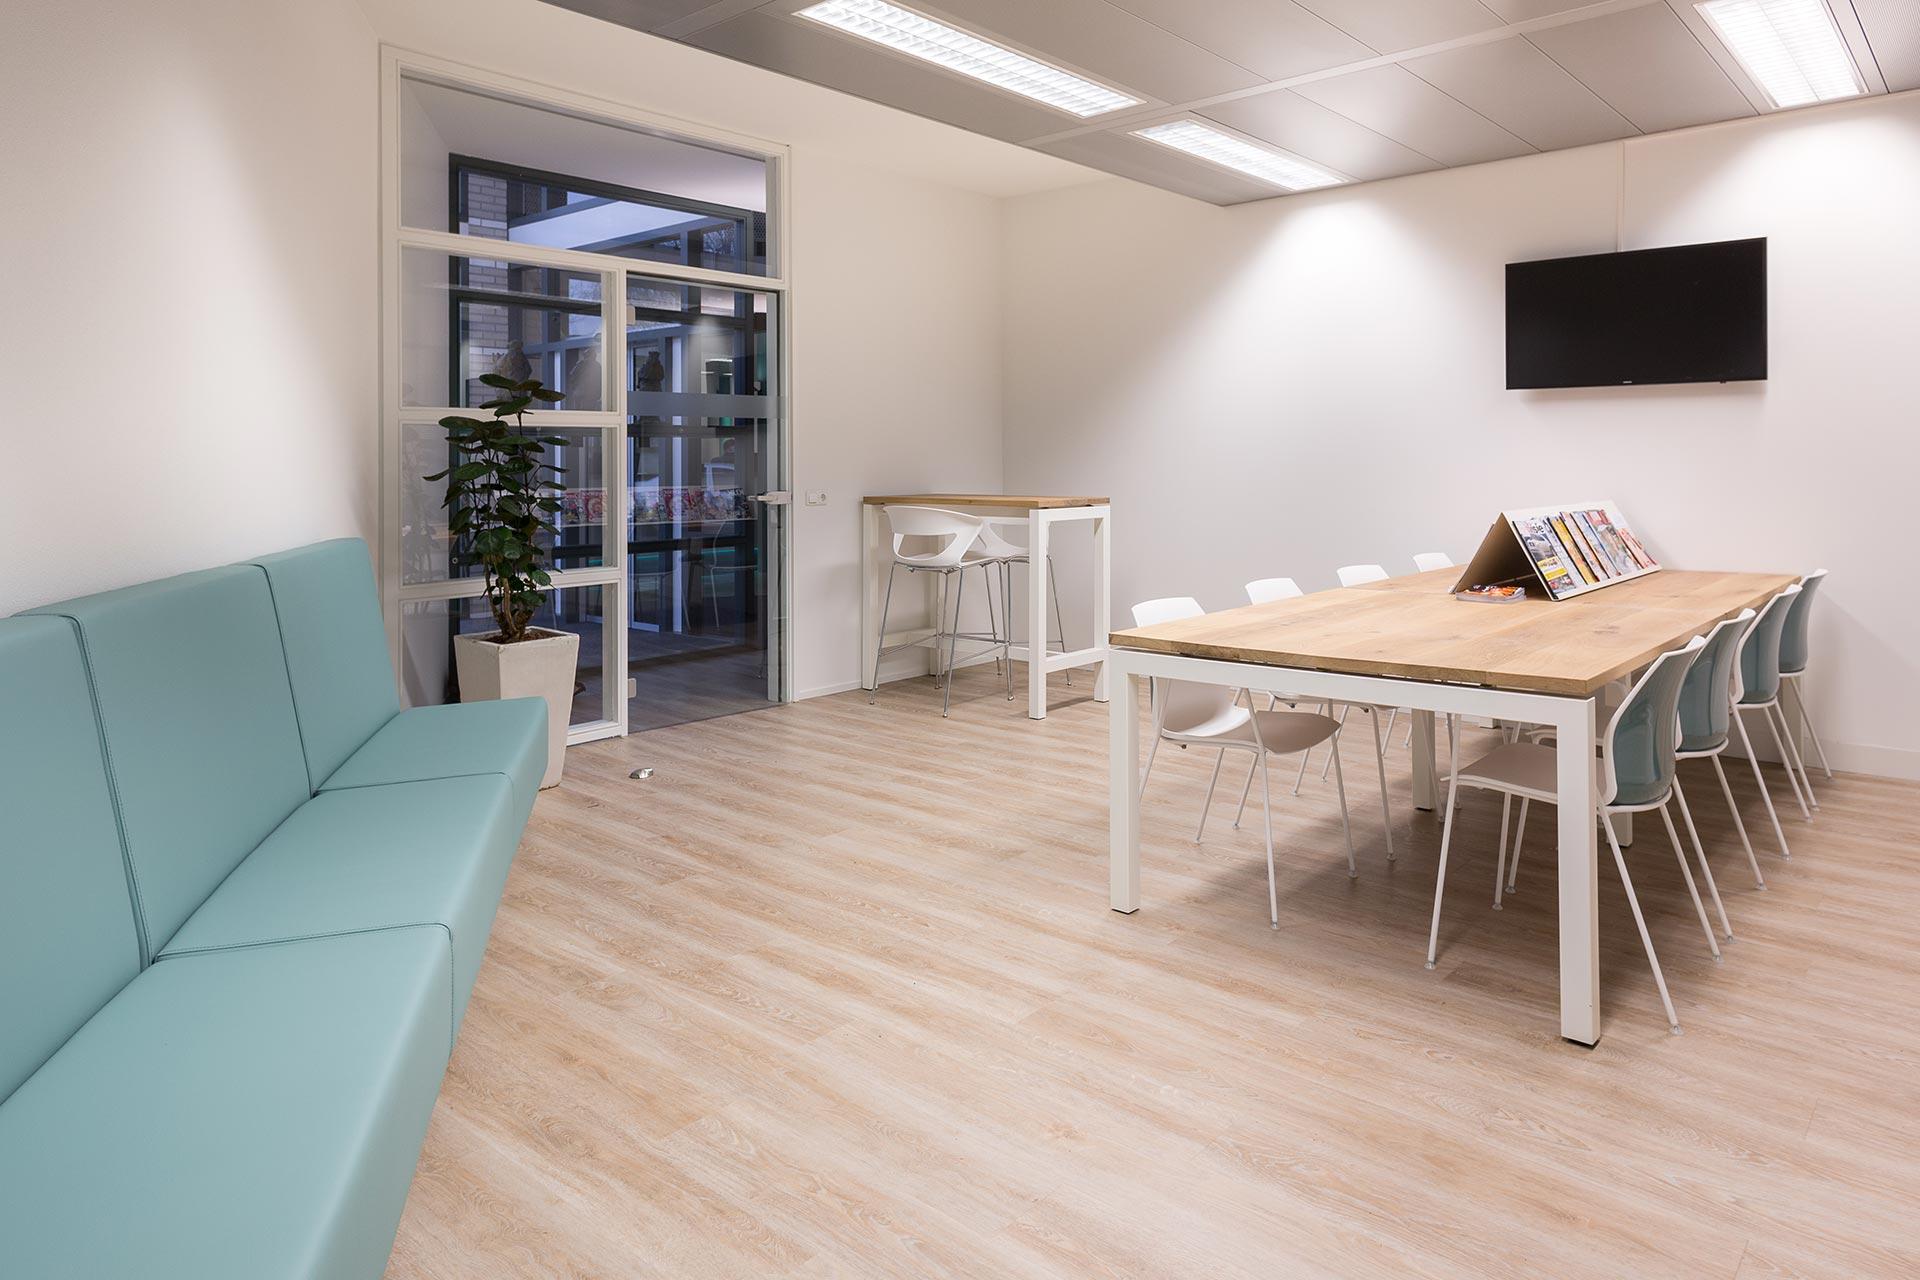 Scandinavisch Interieur Kenmerken : Trend scandinavische inrichting op kantoor inofec